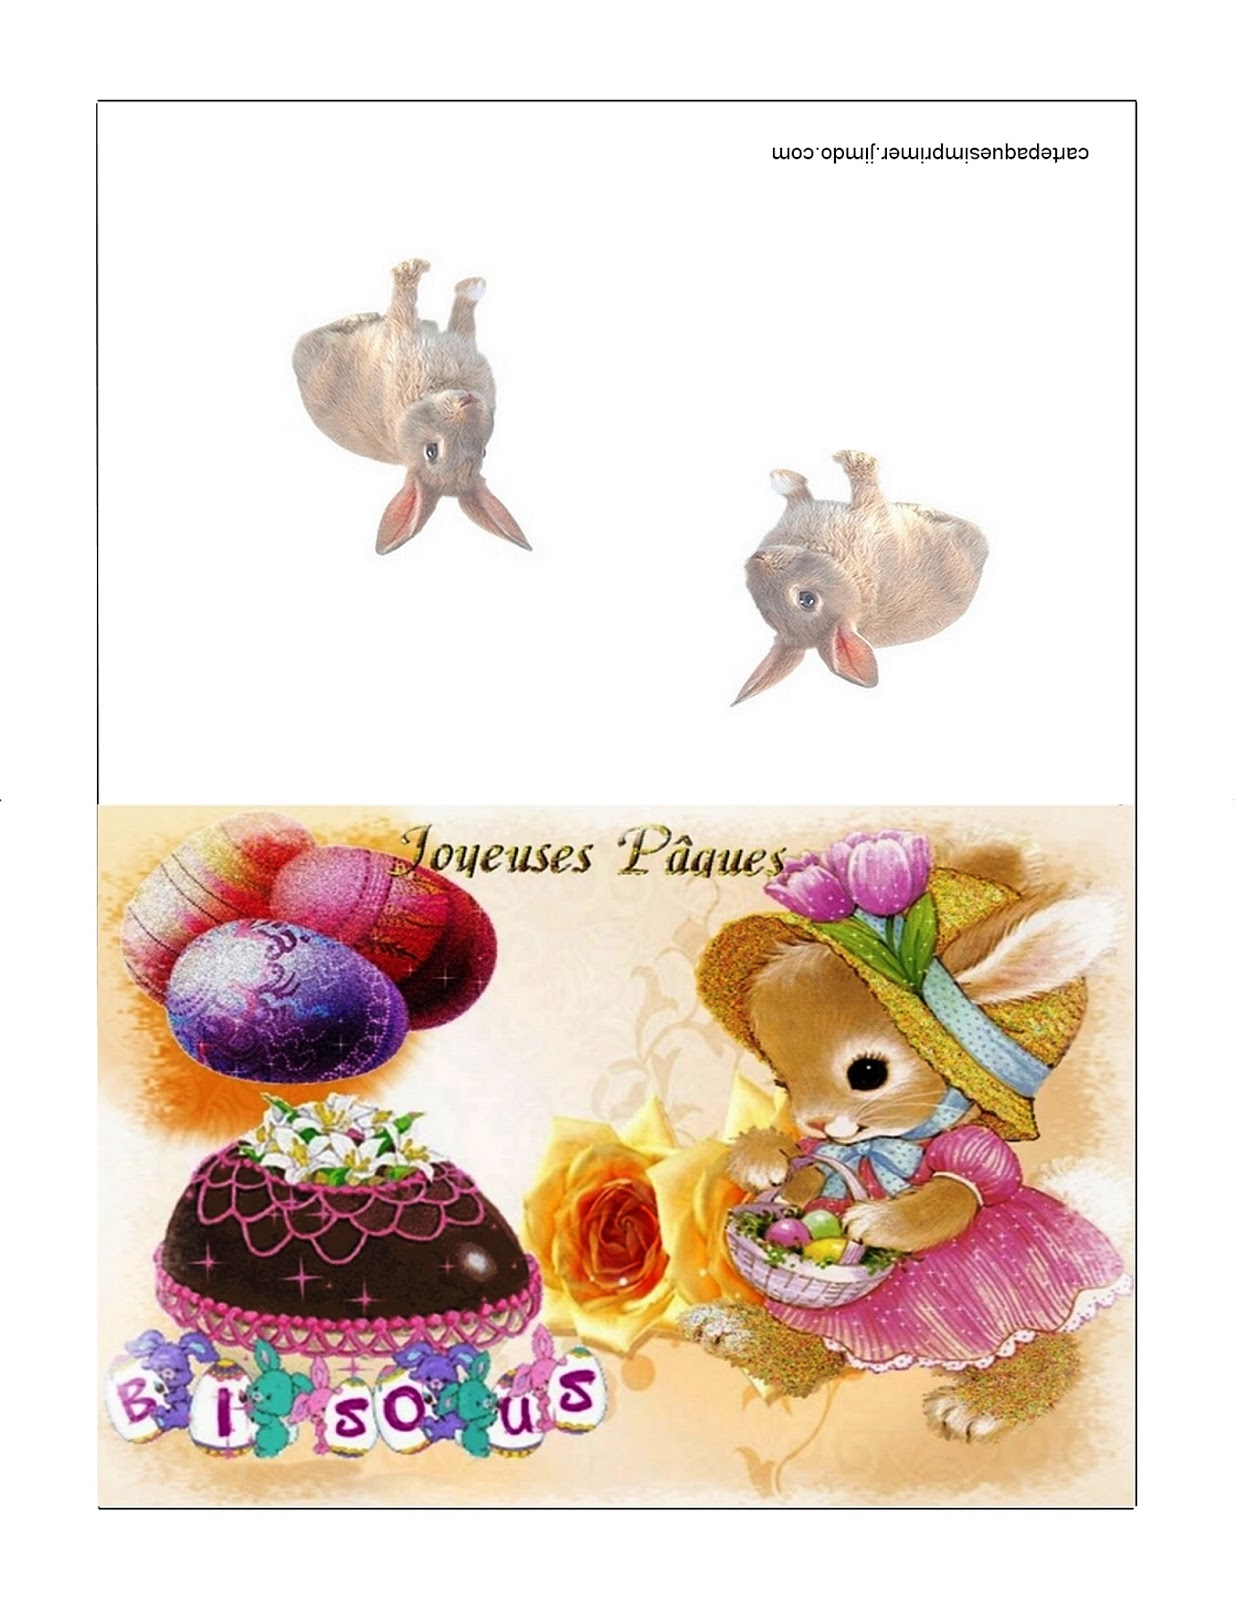 Carte de p ques imprimer gratuites carte p ques imprimer gratuites - Image pour paques gratuites ...